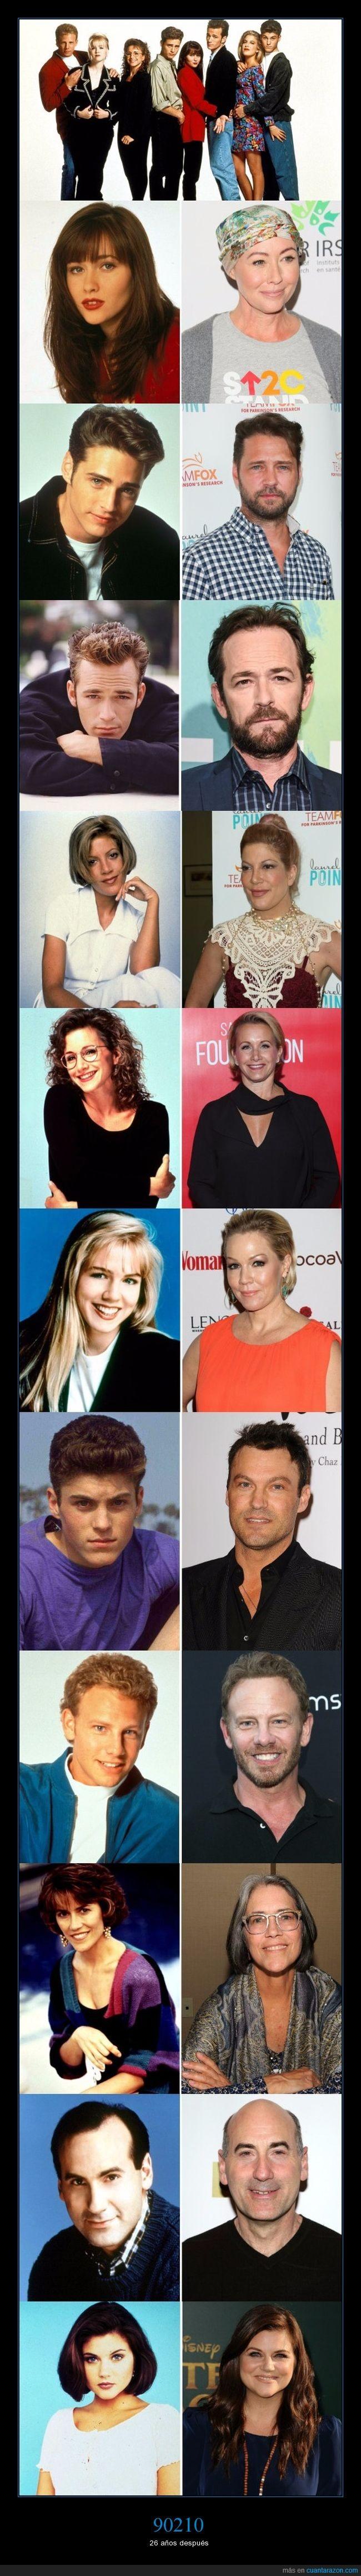 90210,sensación de vivir,series,televisión,tv